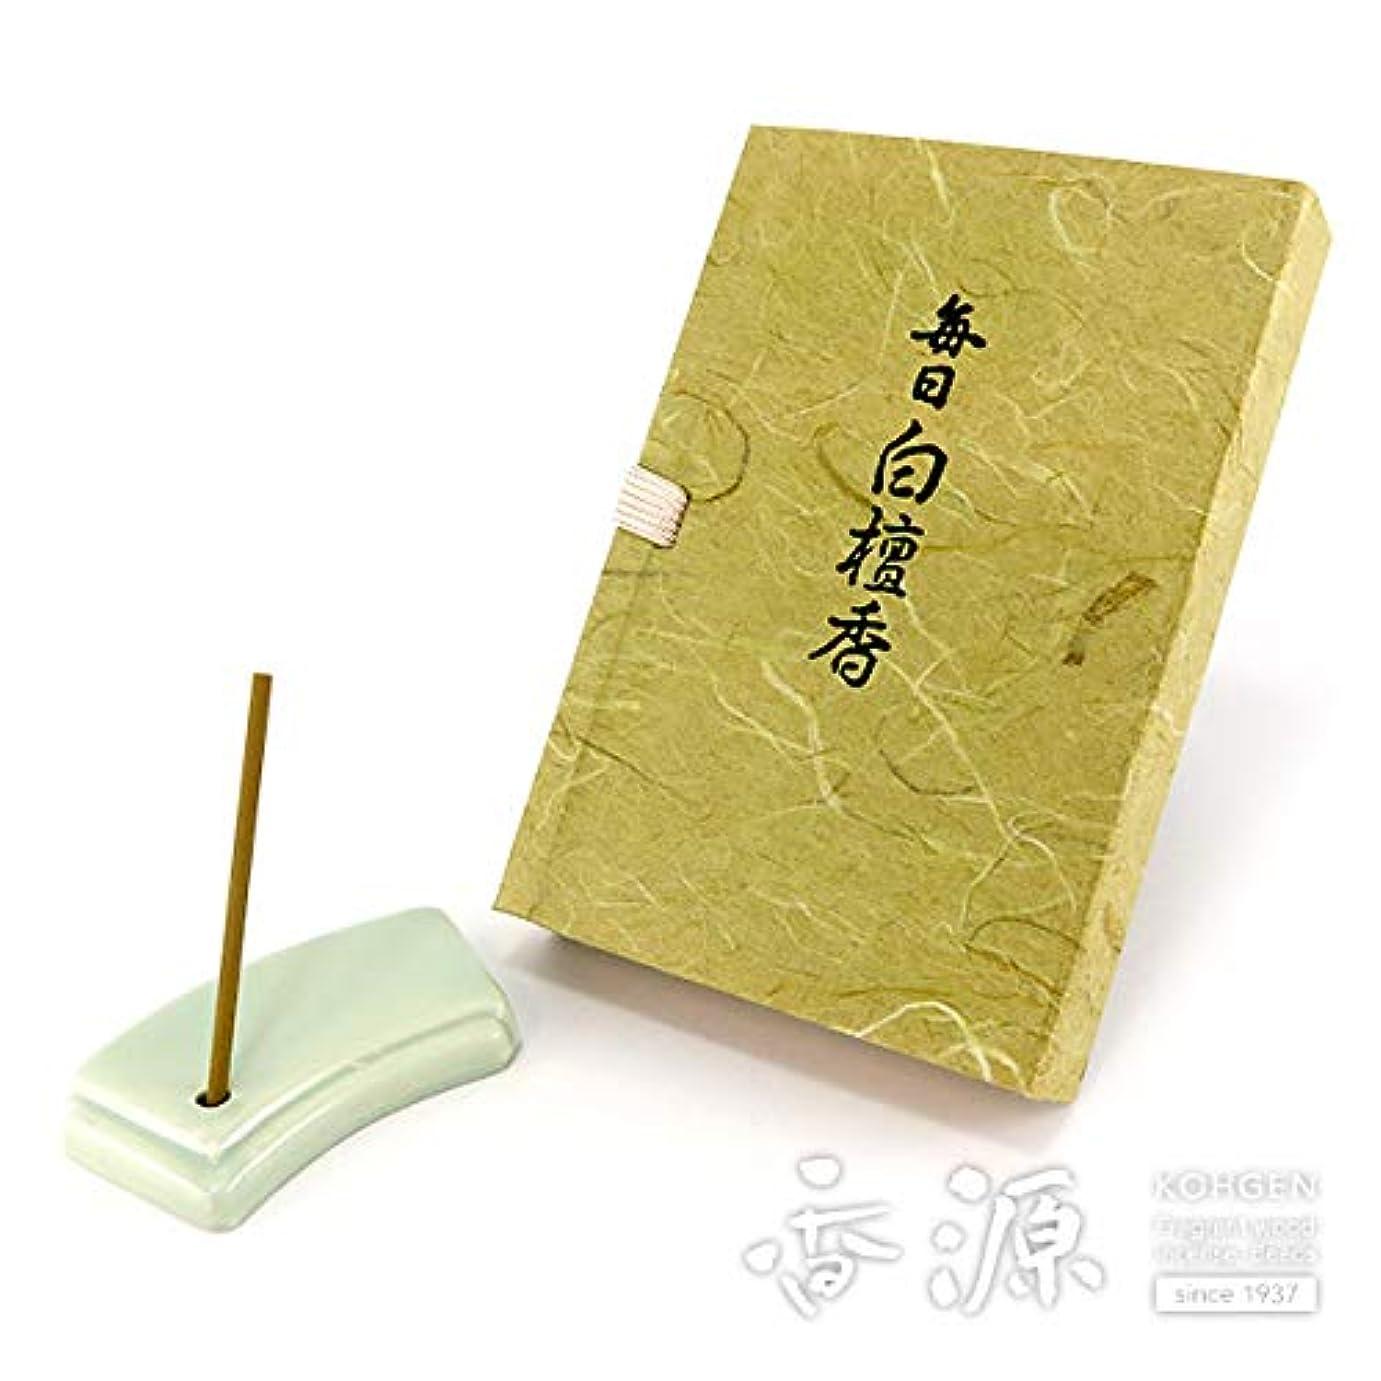 タンザニア追記布日本香堂のお香 毎日白檀香 スティックミニ寸文庫型60本入り